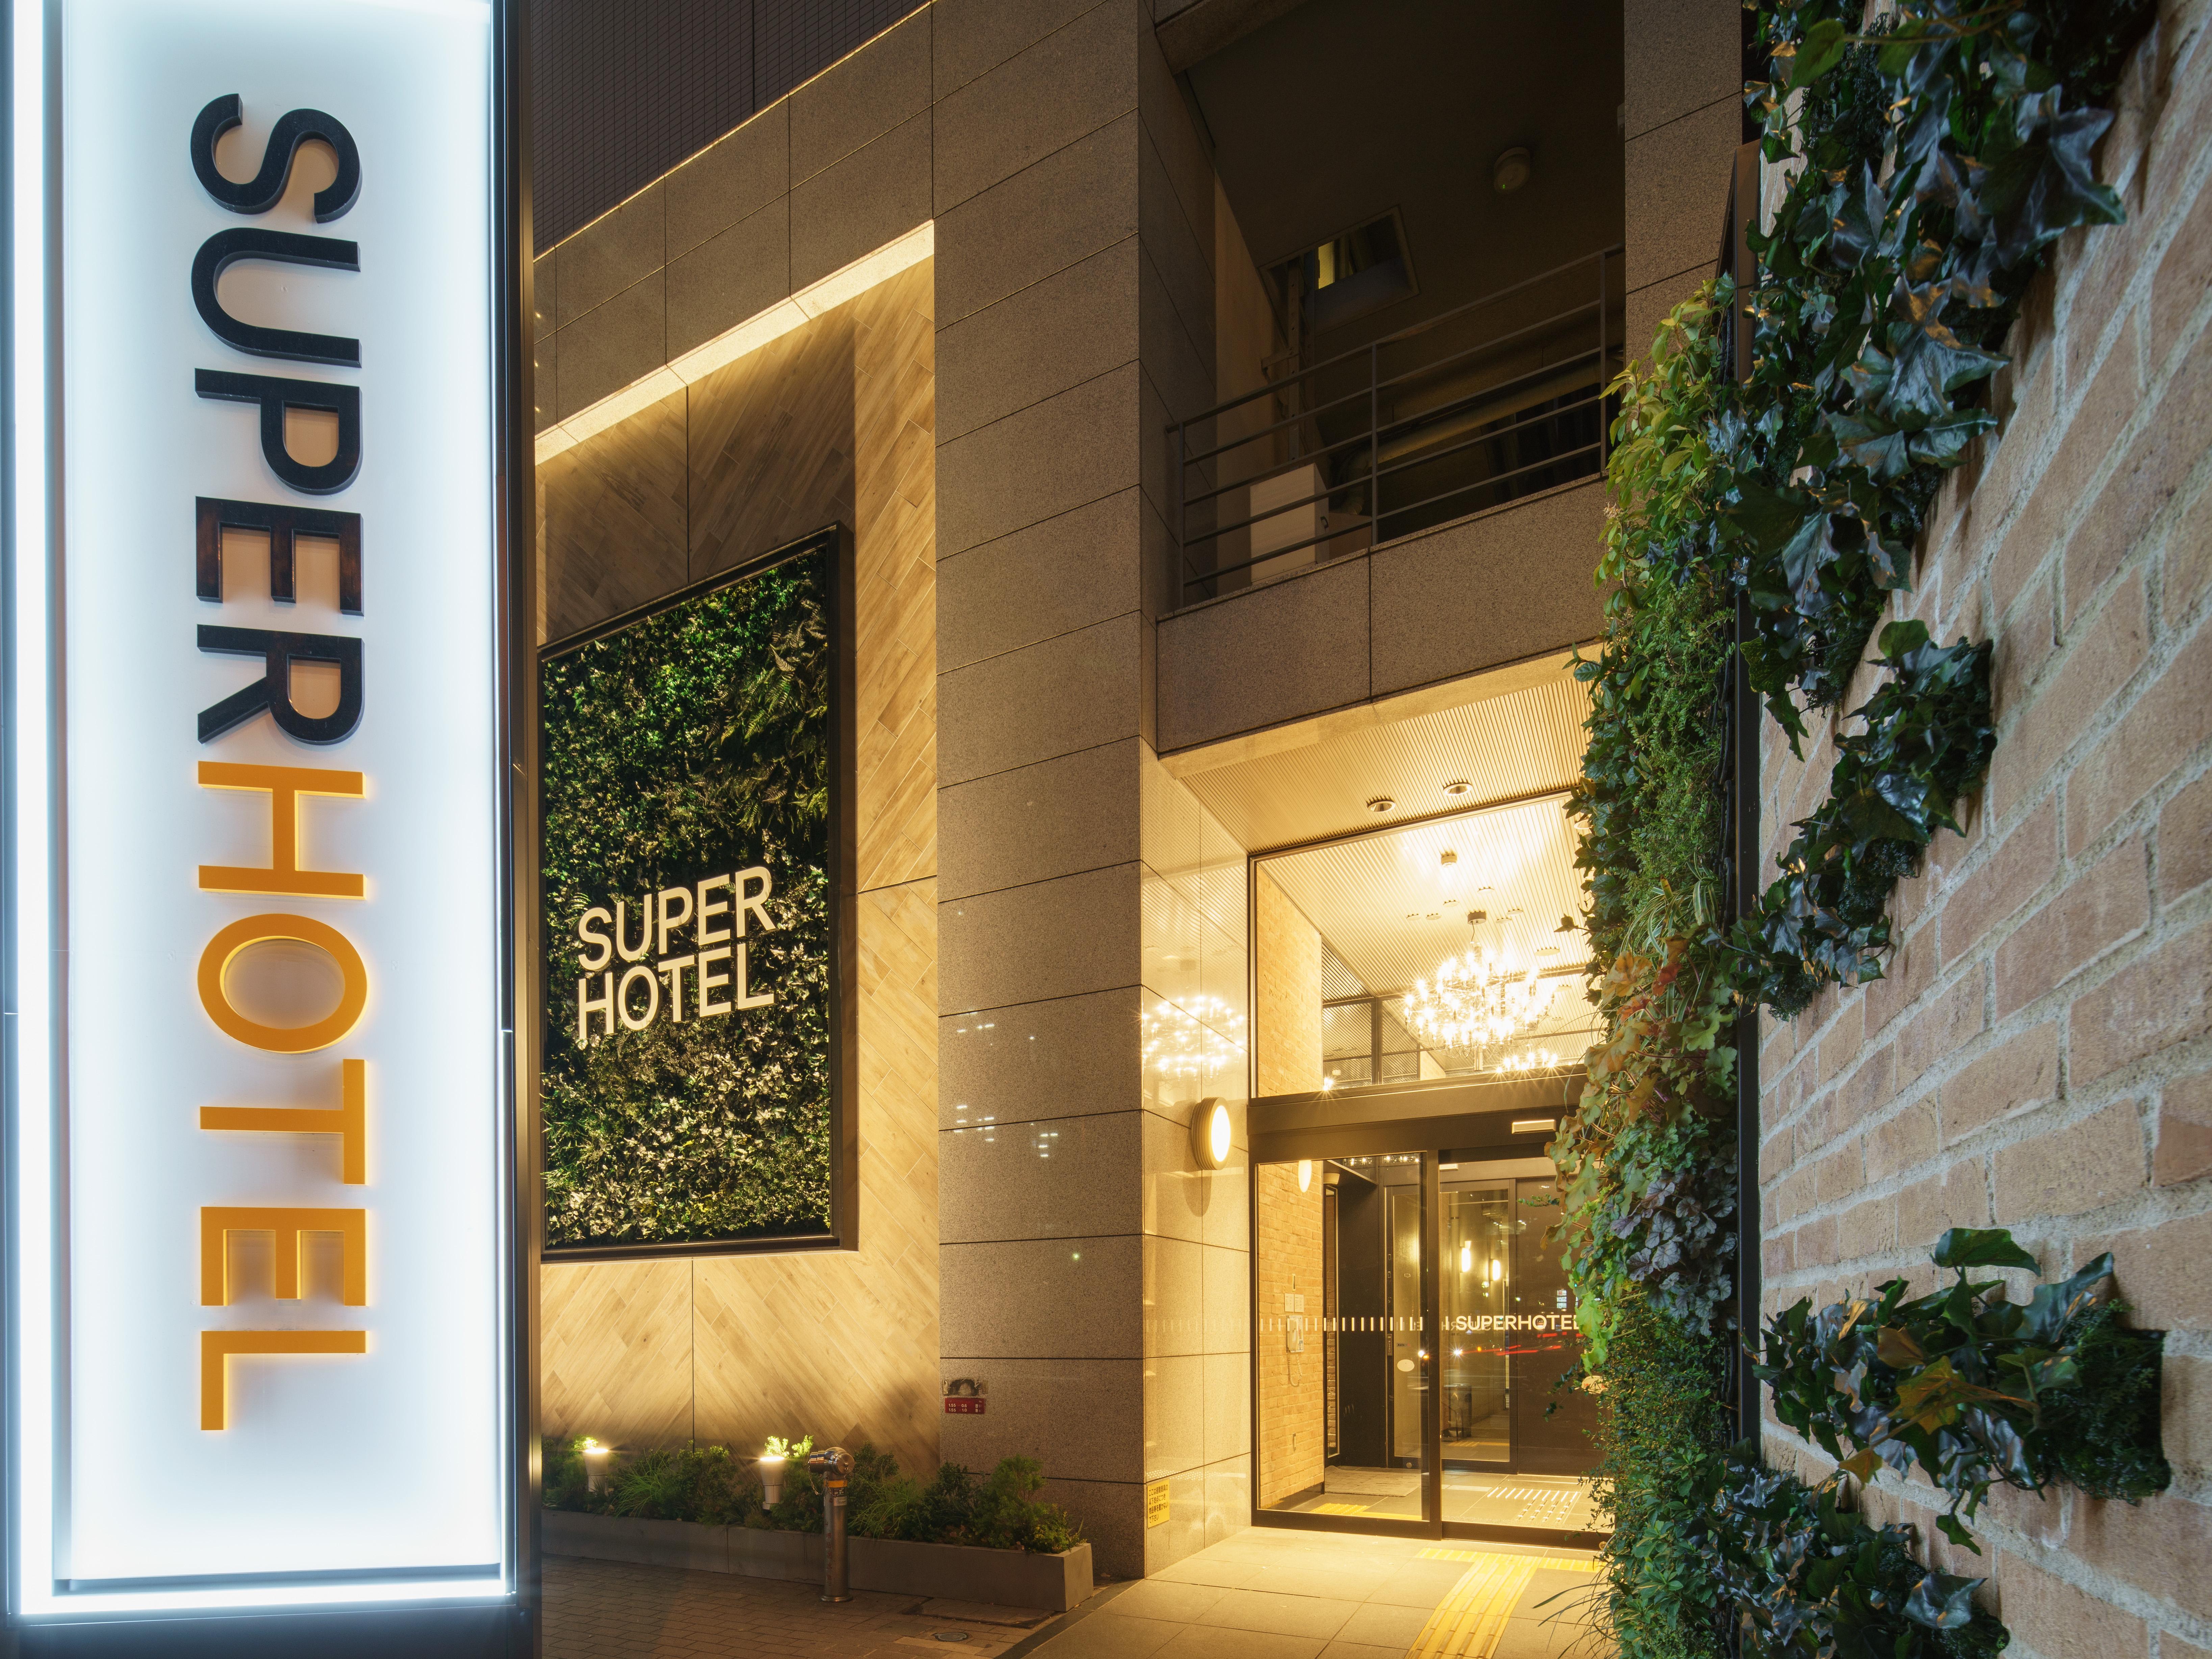 スーパーホテル 横浜・関内◆楽天トラベル